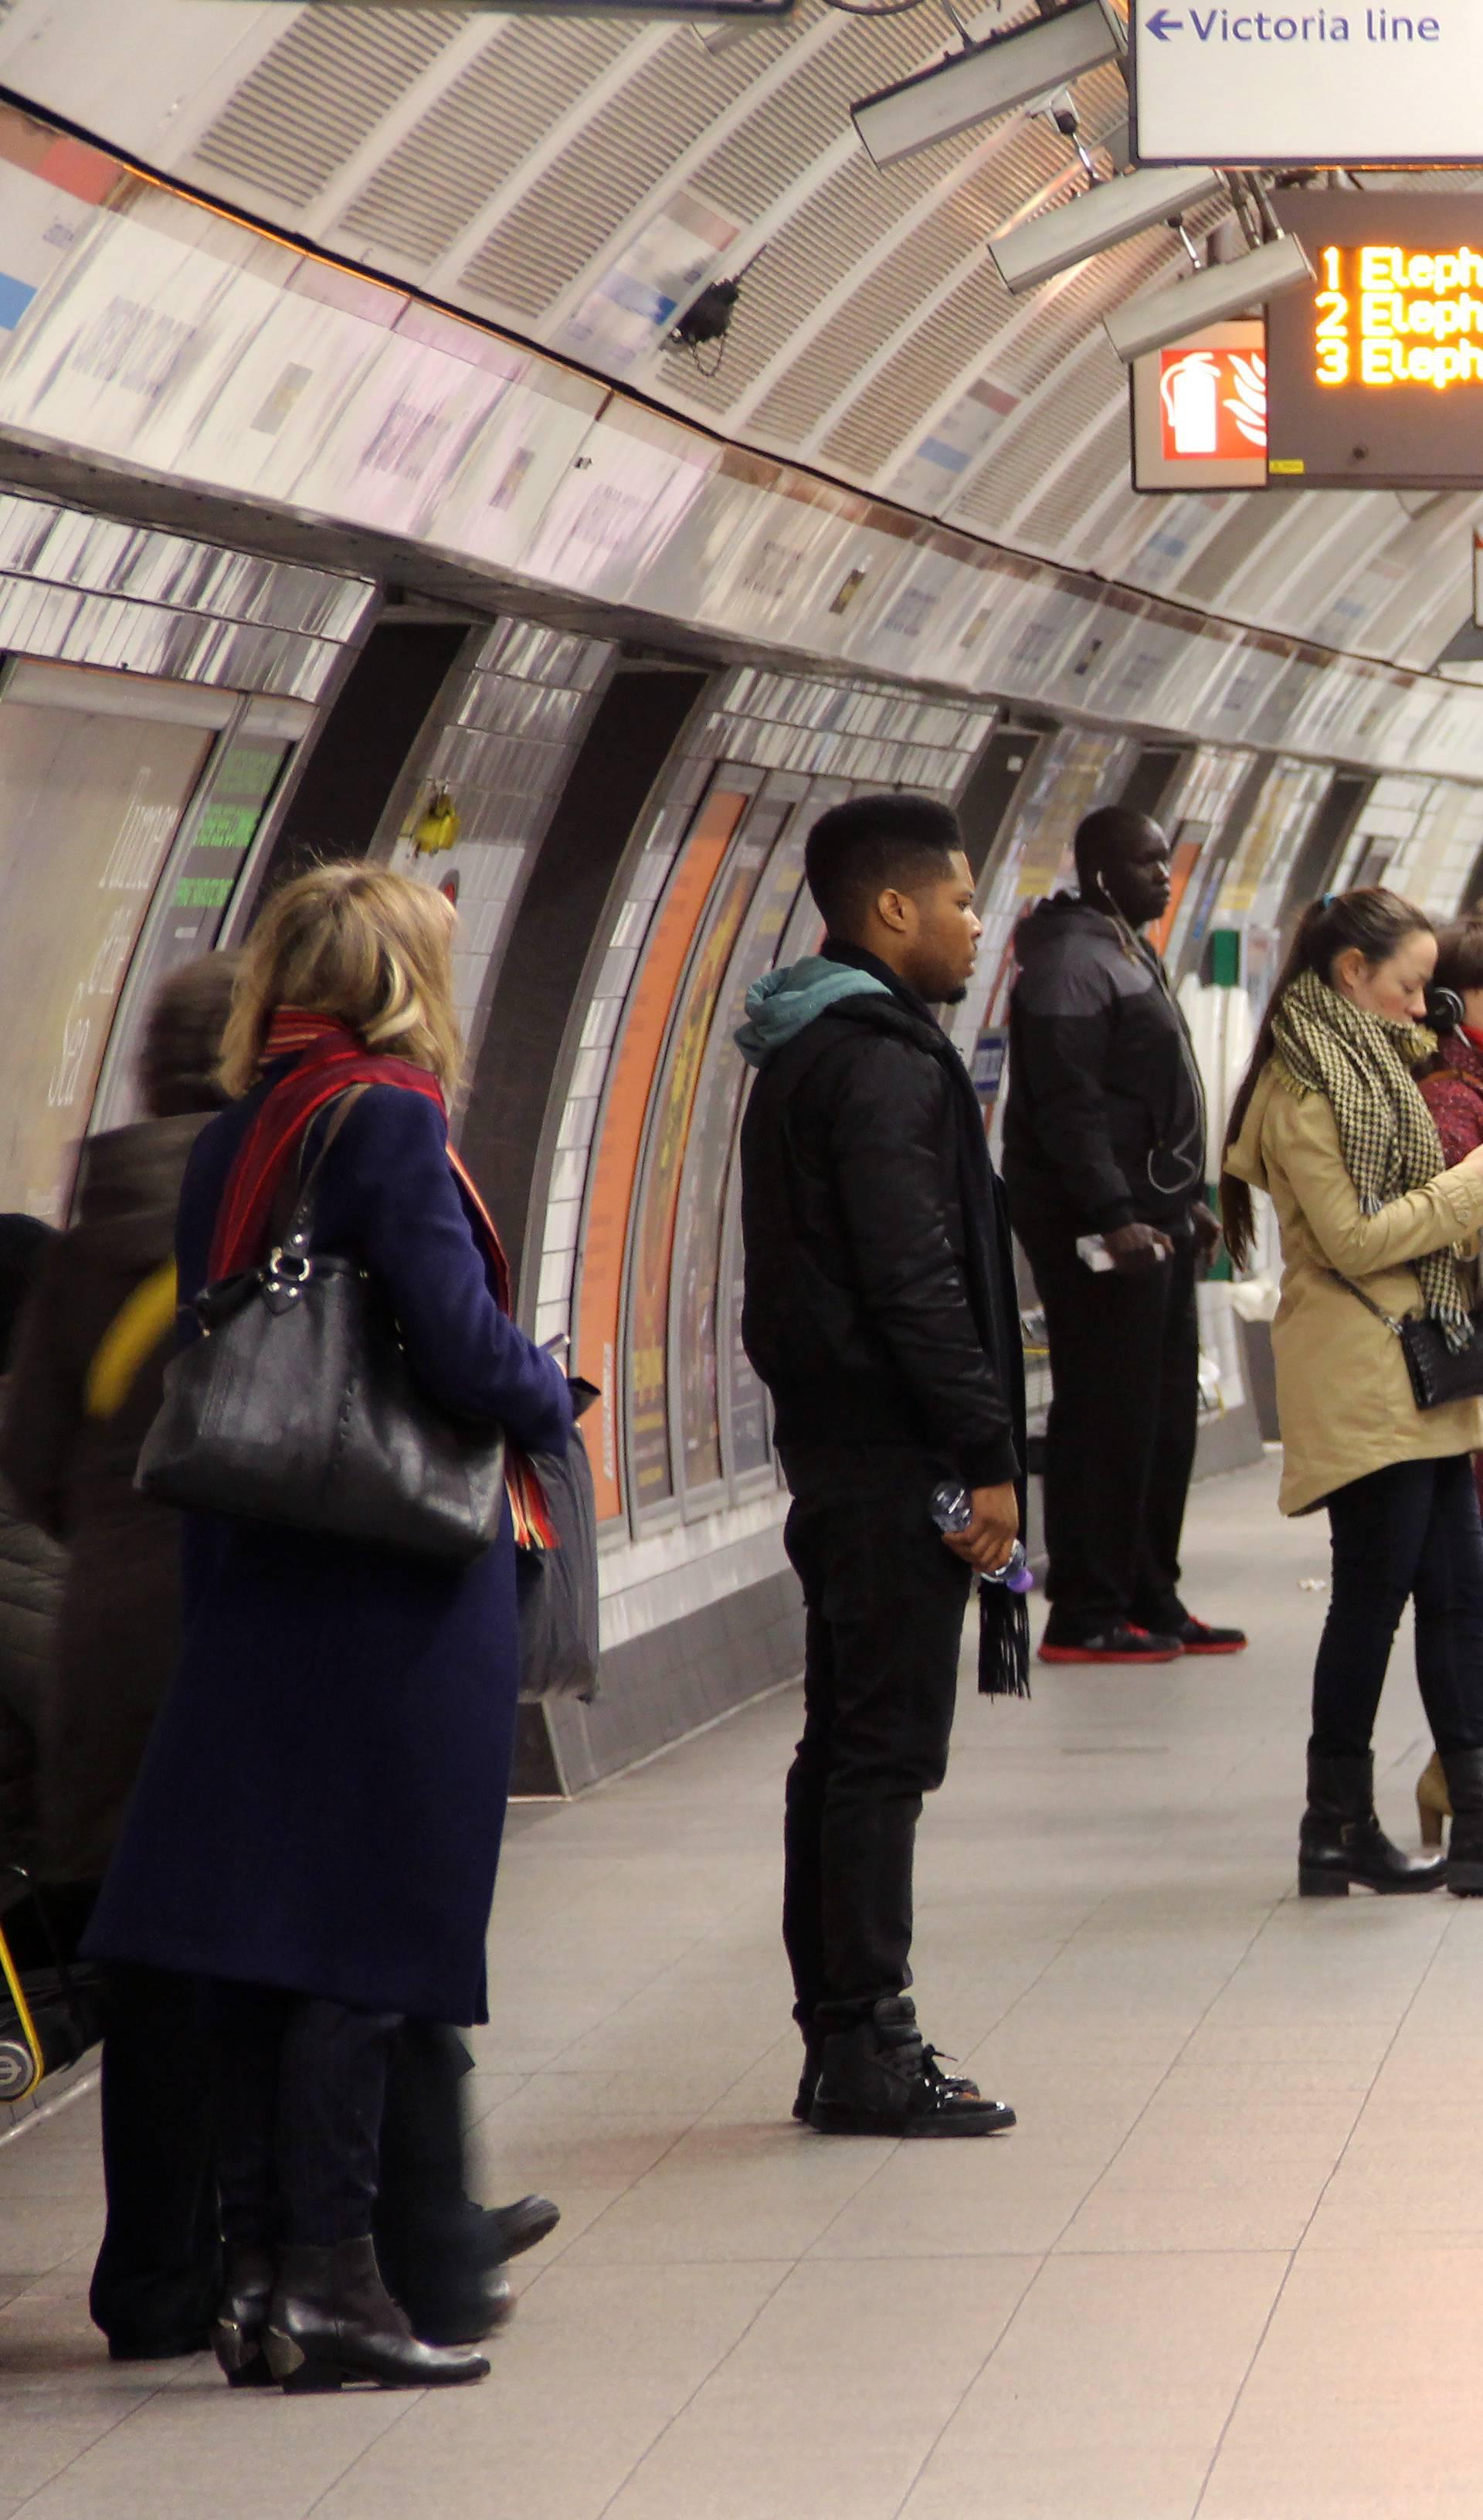 London: Underground station